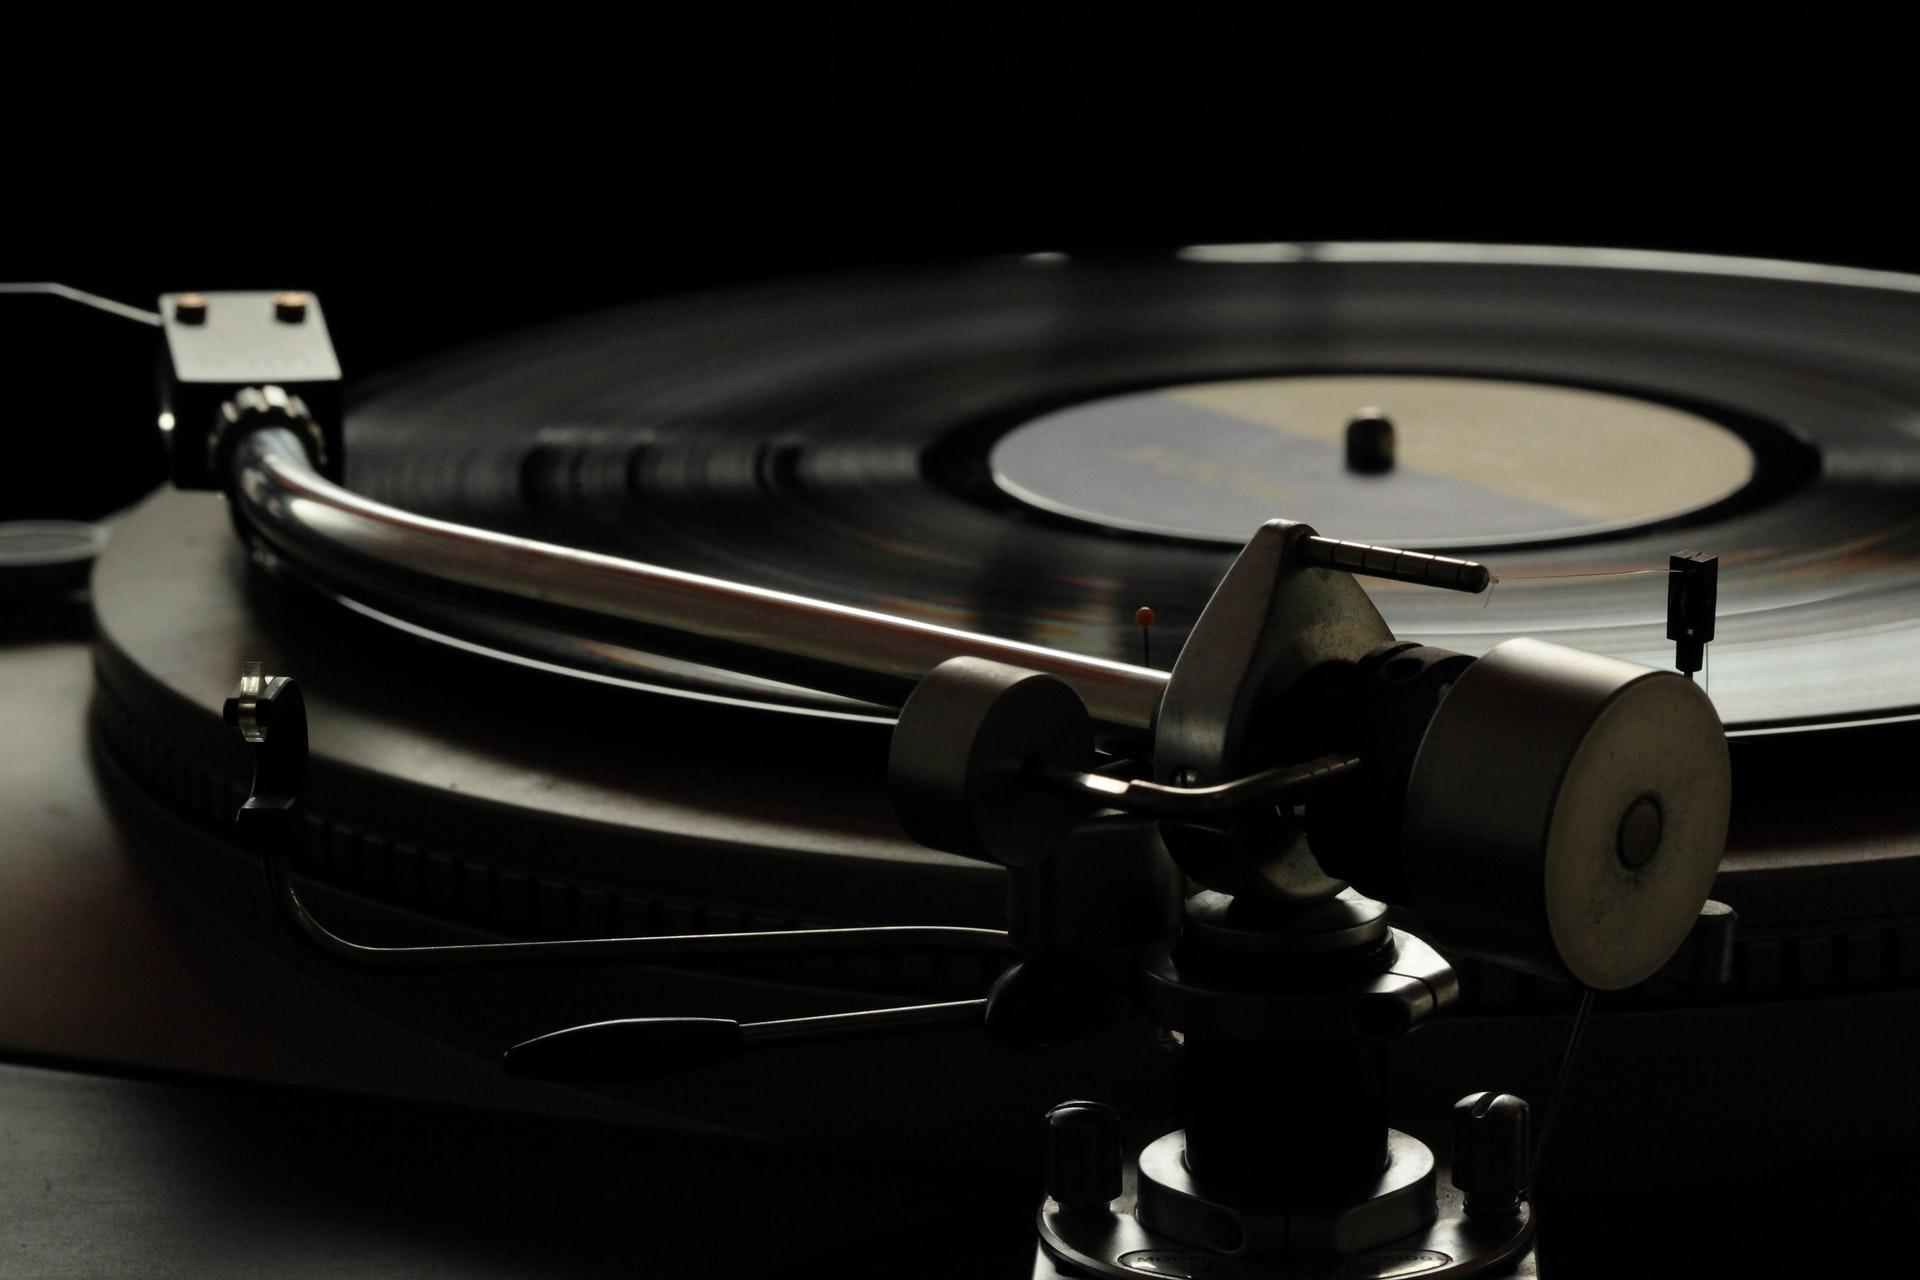 Quelle Marque De Platine Vinyle Choisir Écouter vos vinyles en bluetooth : une bonne idée pour